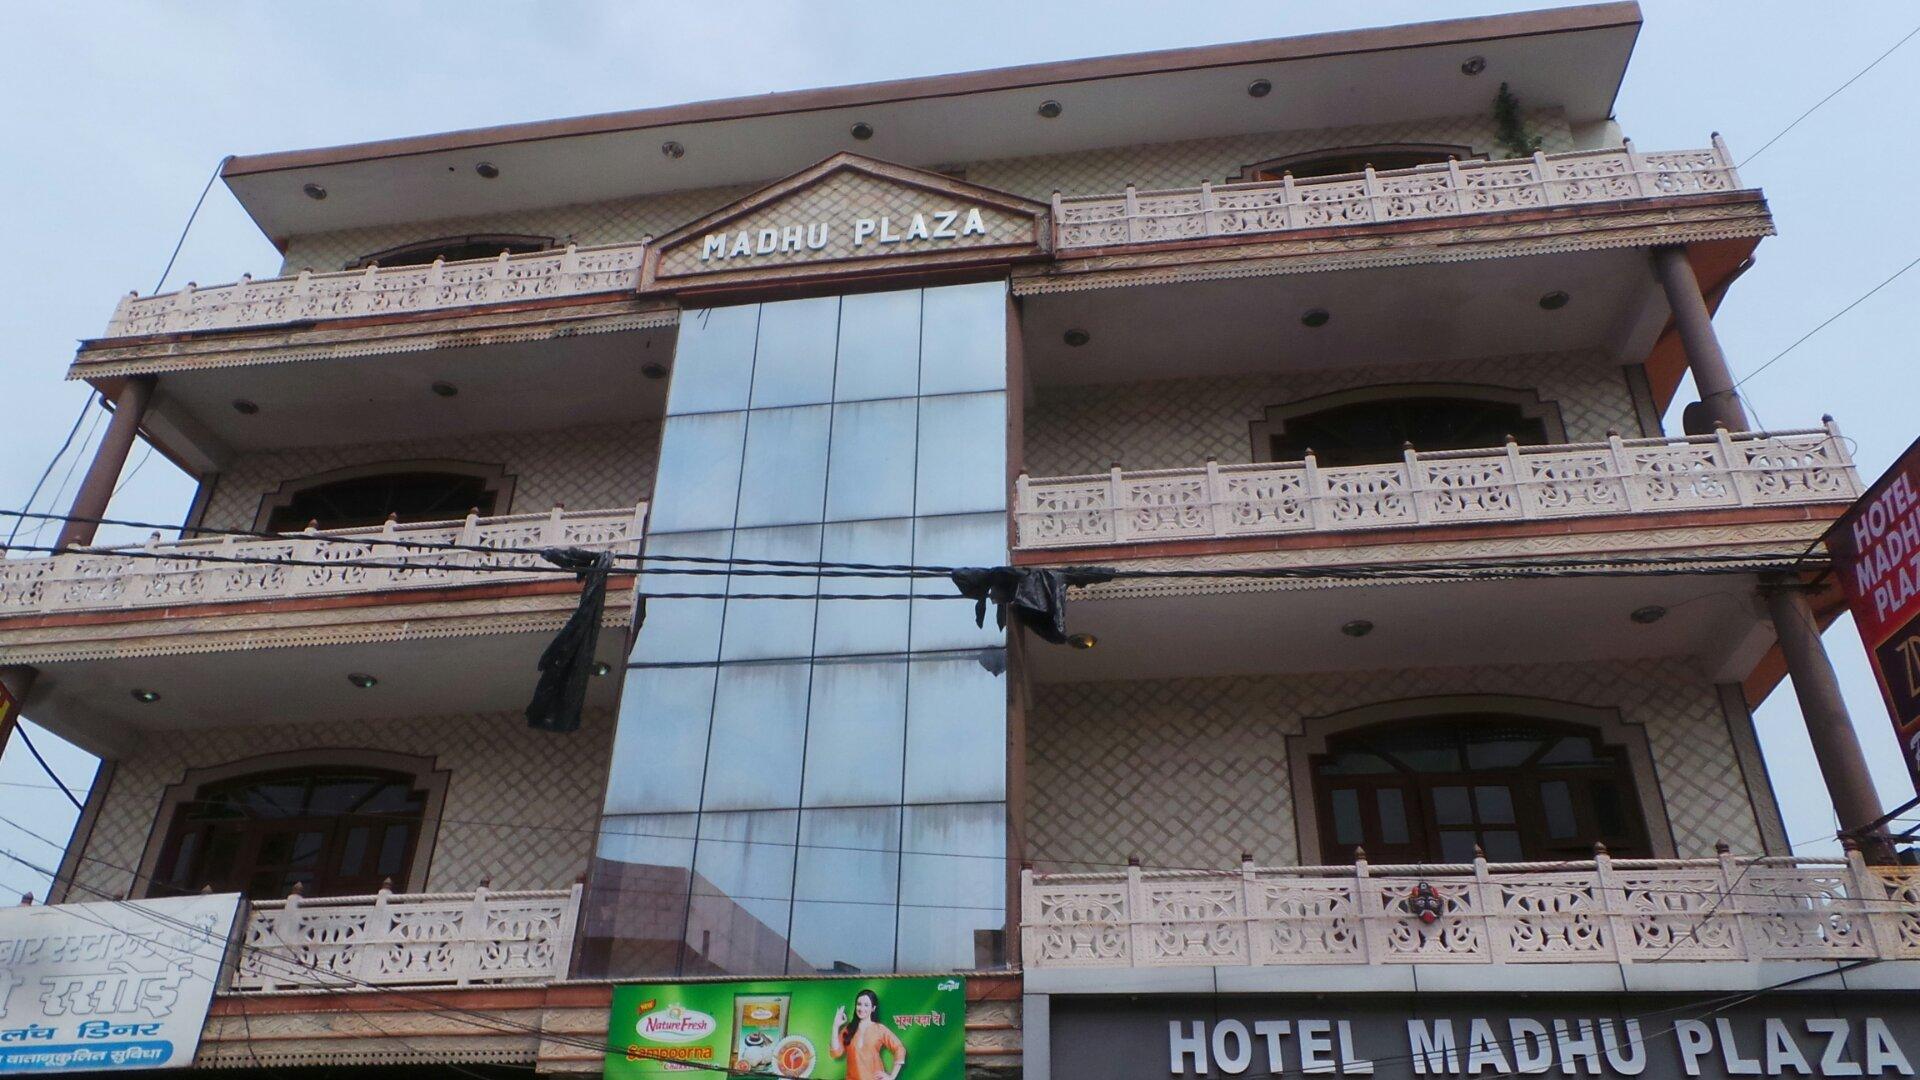 Hotel Madhu Plaza in Haridwar